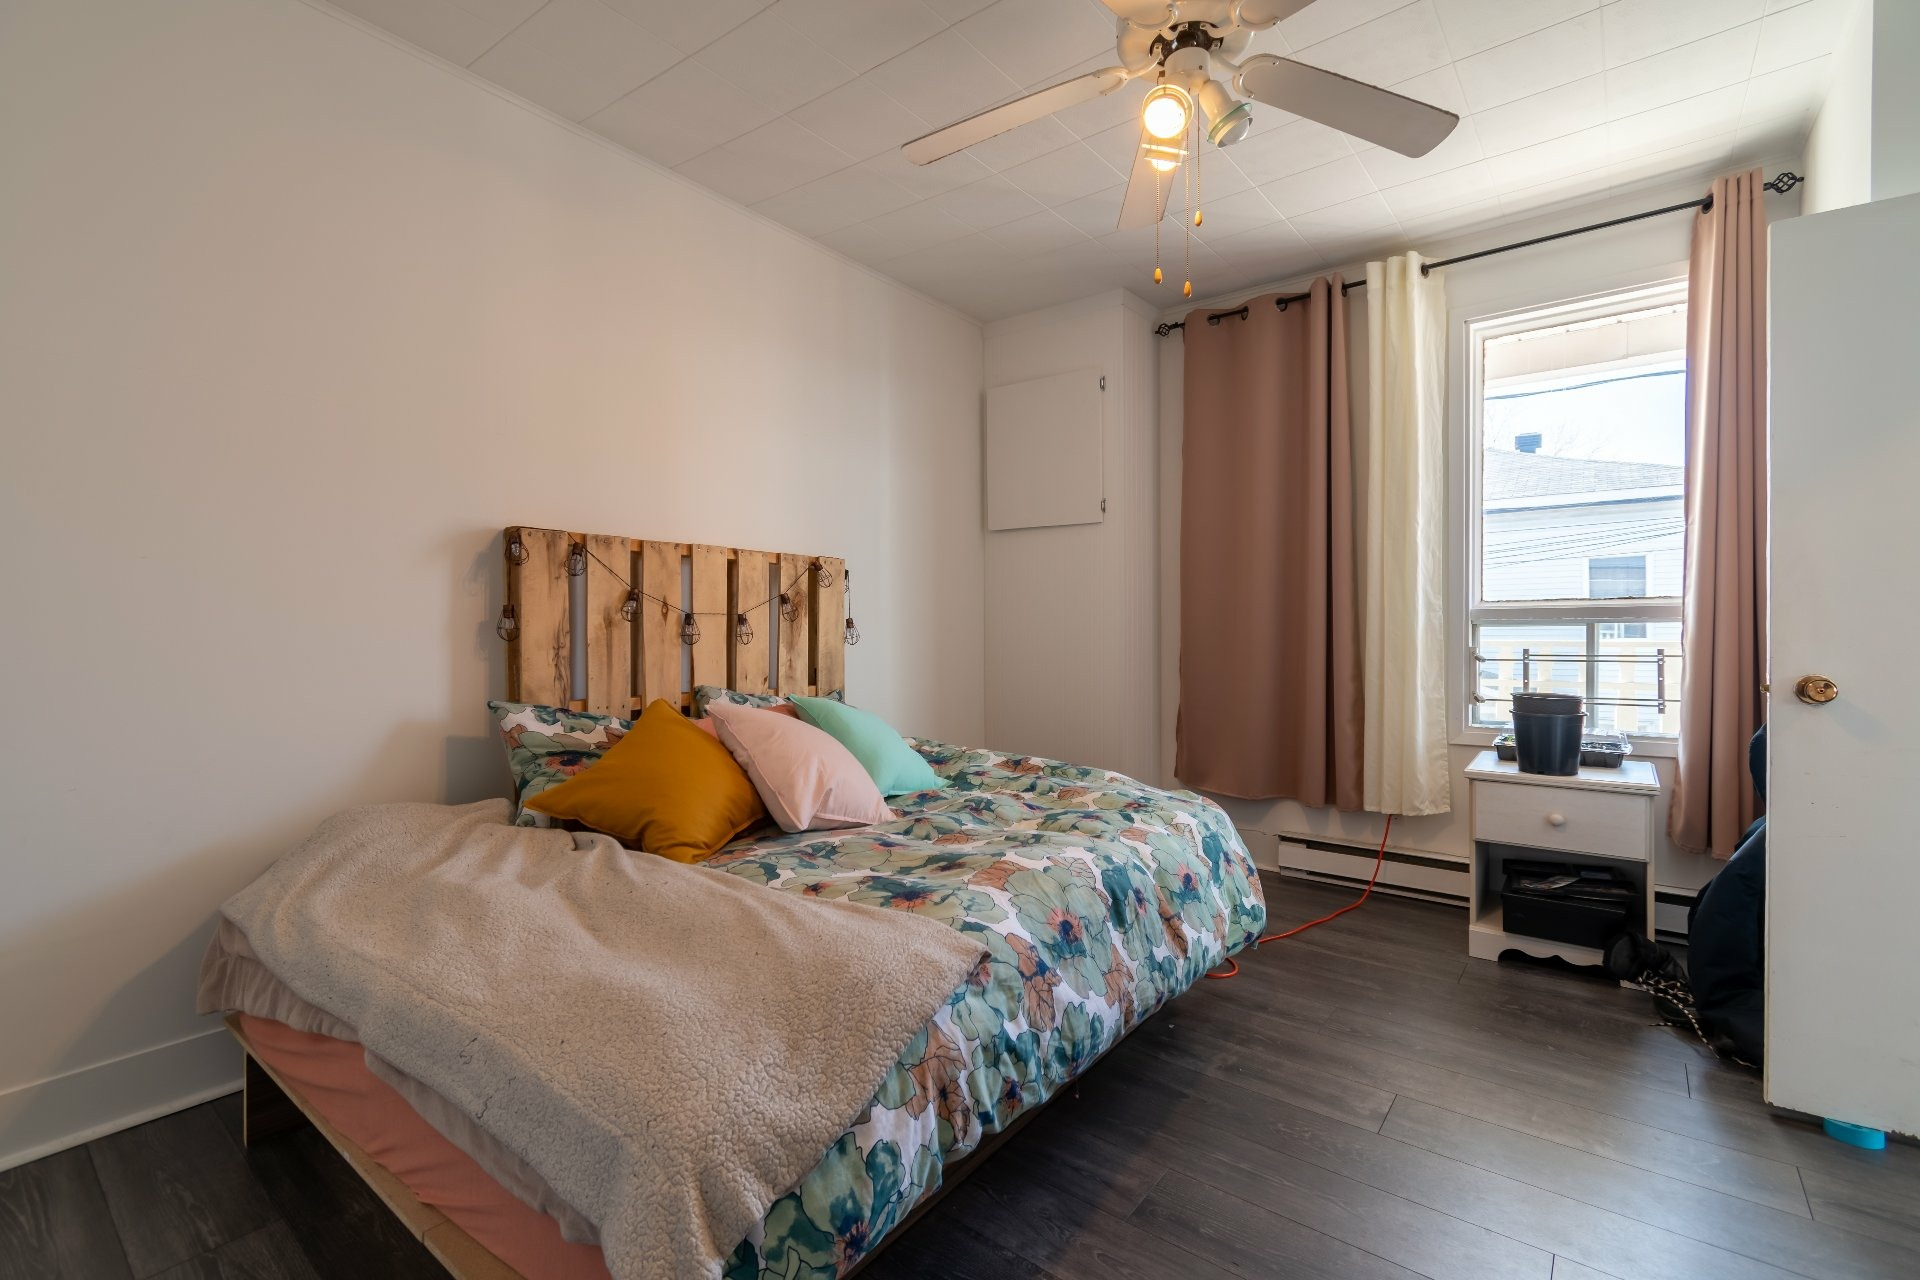 image 25 - Duplex For sale Trois-Rivières - 4 rooms